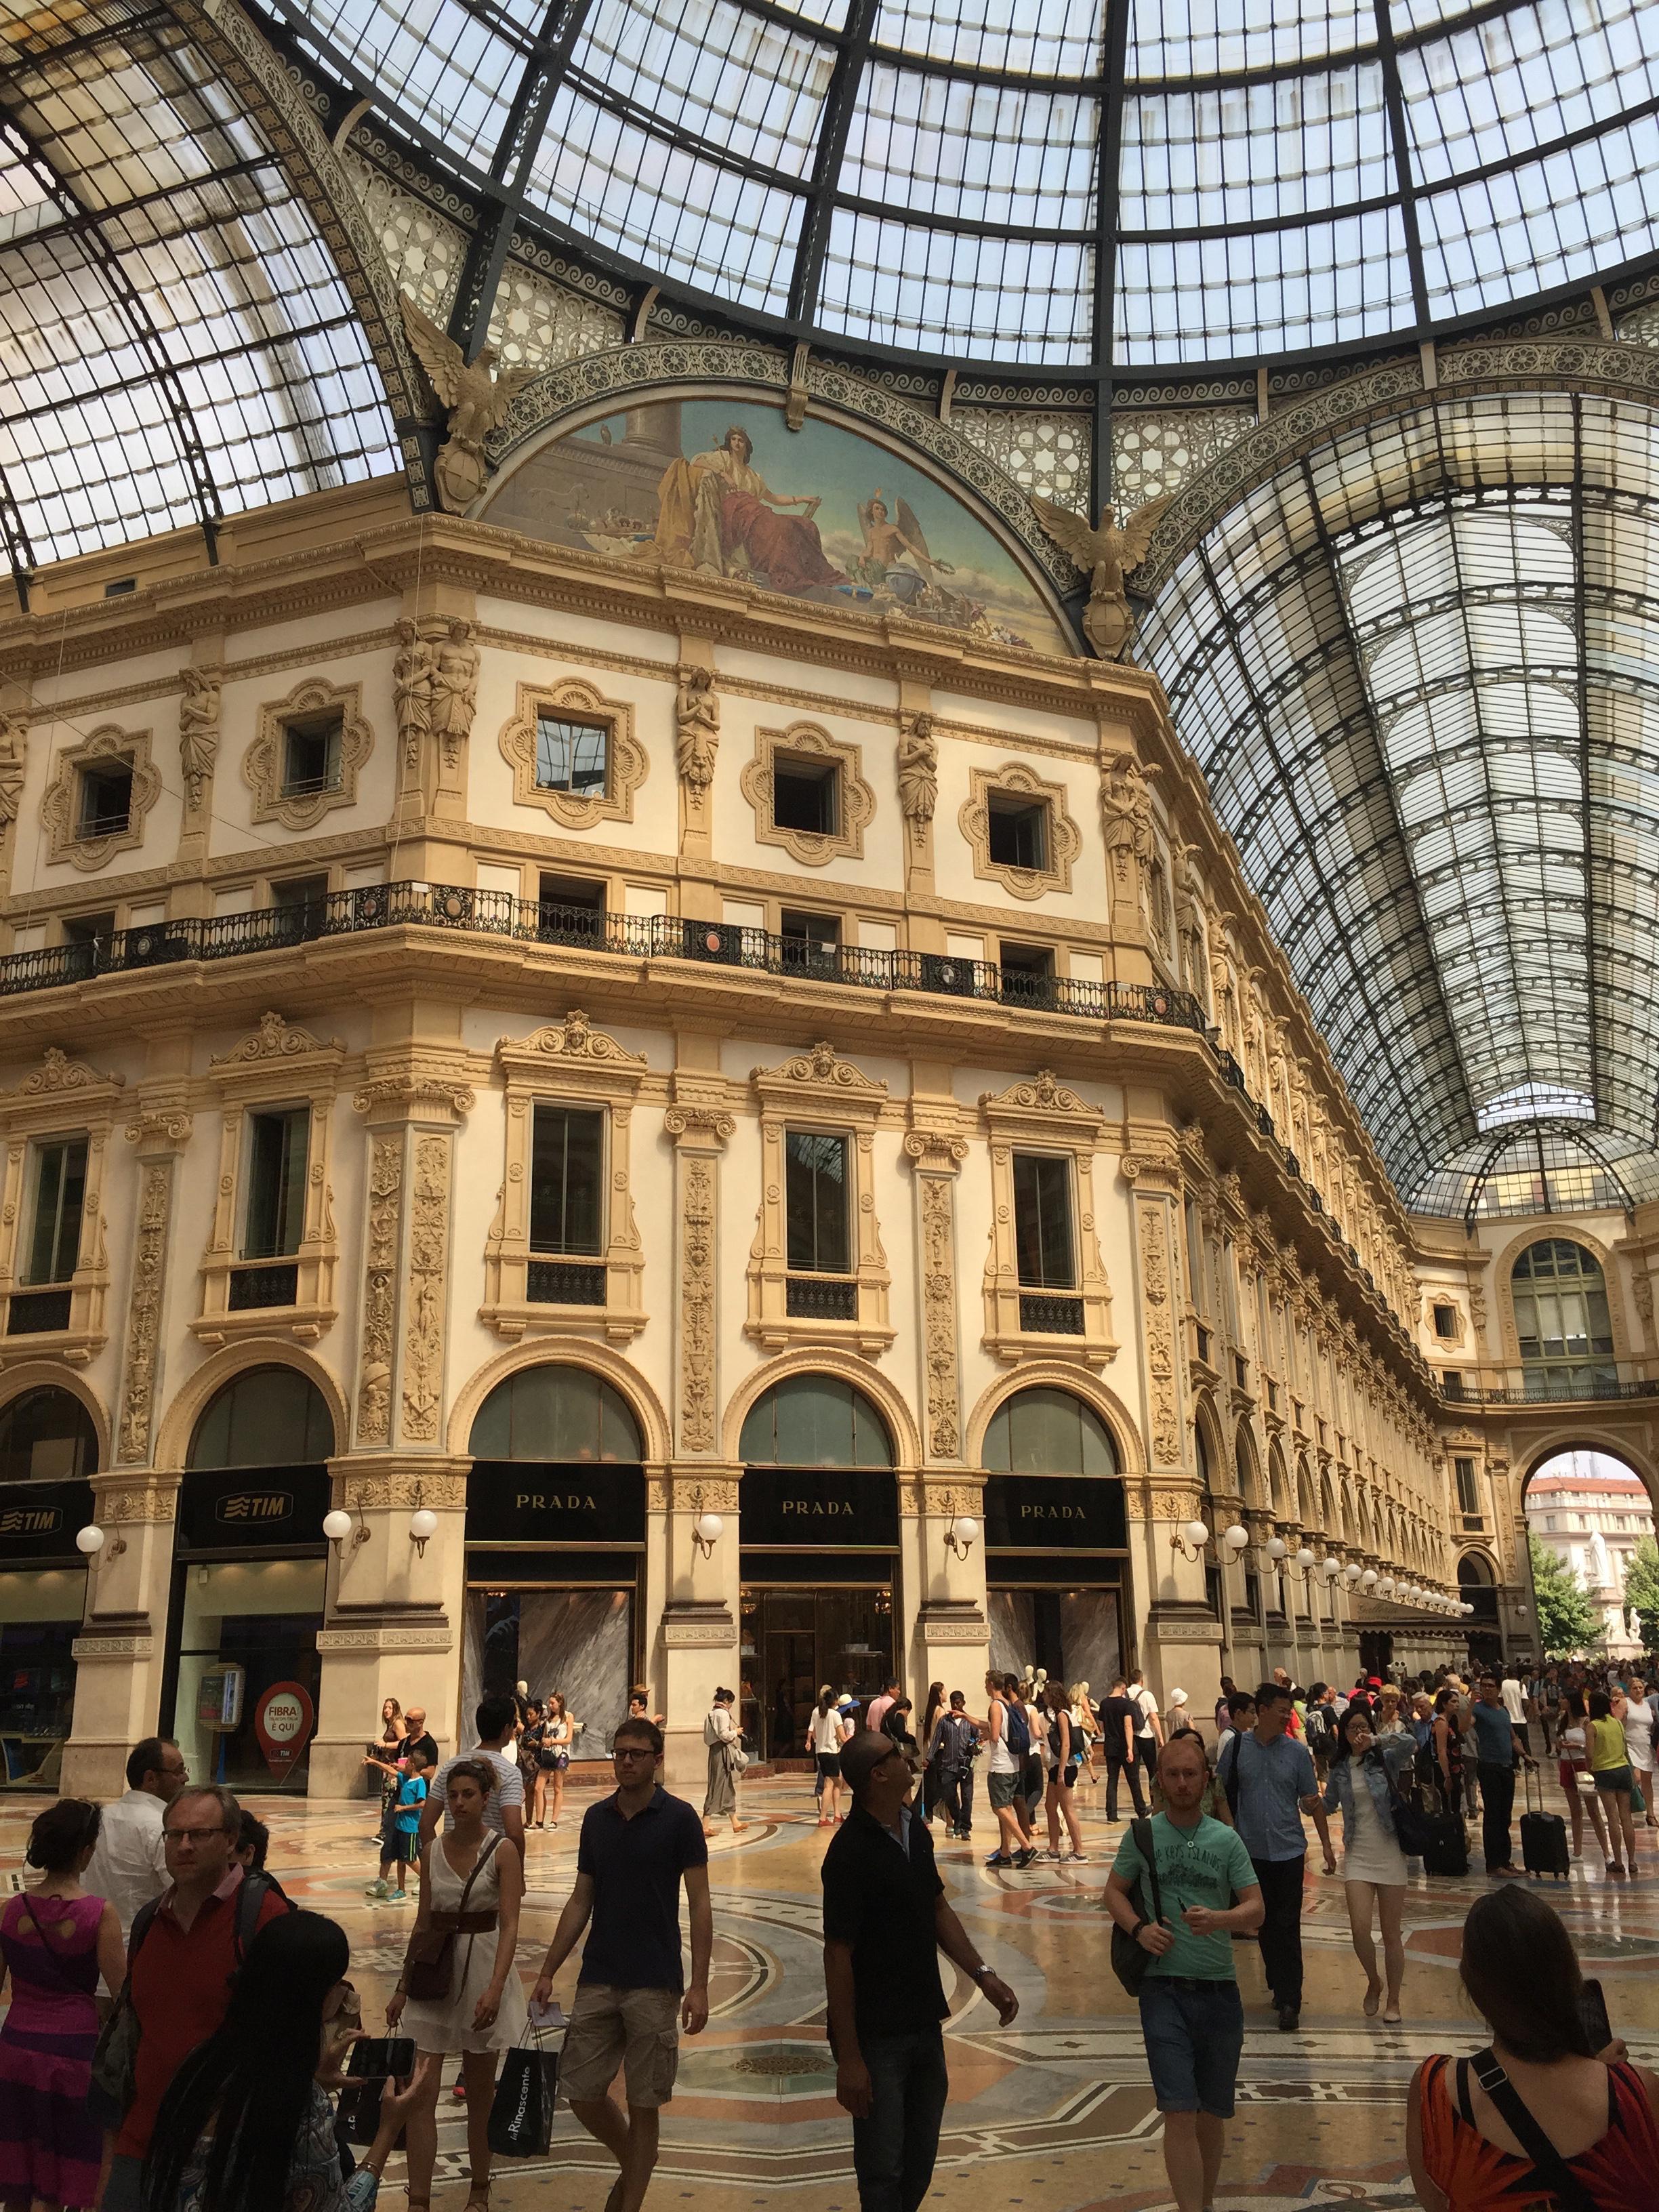 Galleria Vittorio Emm ctr